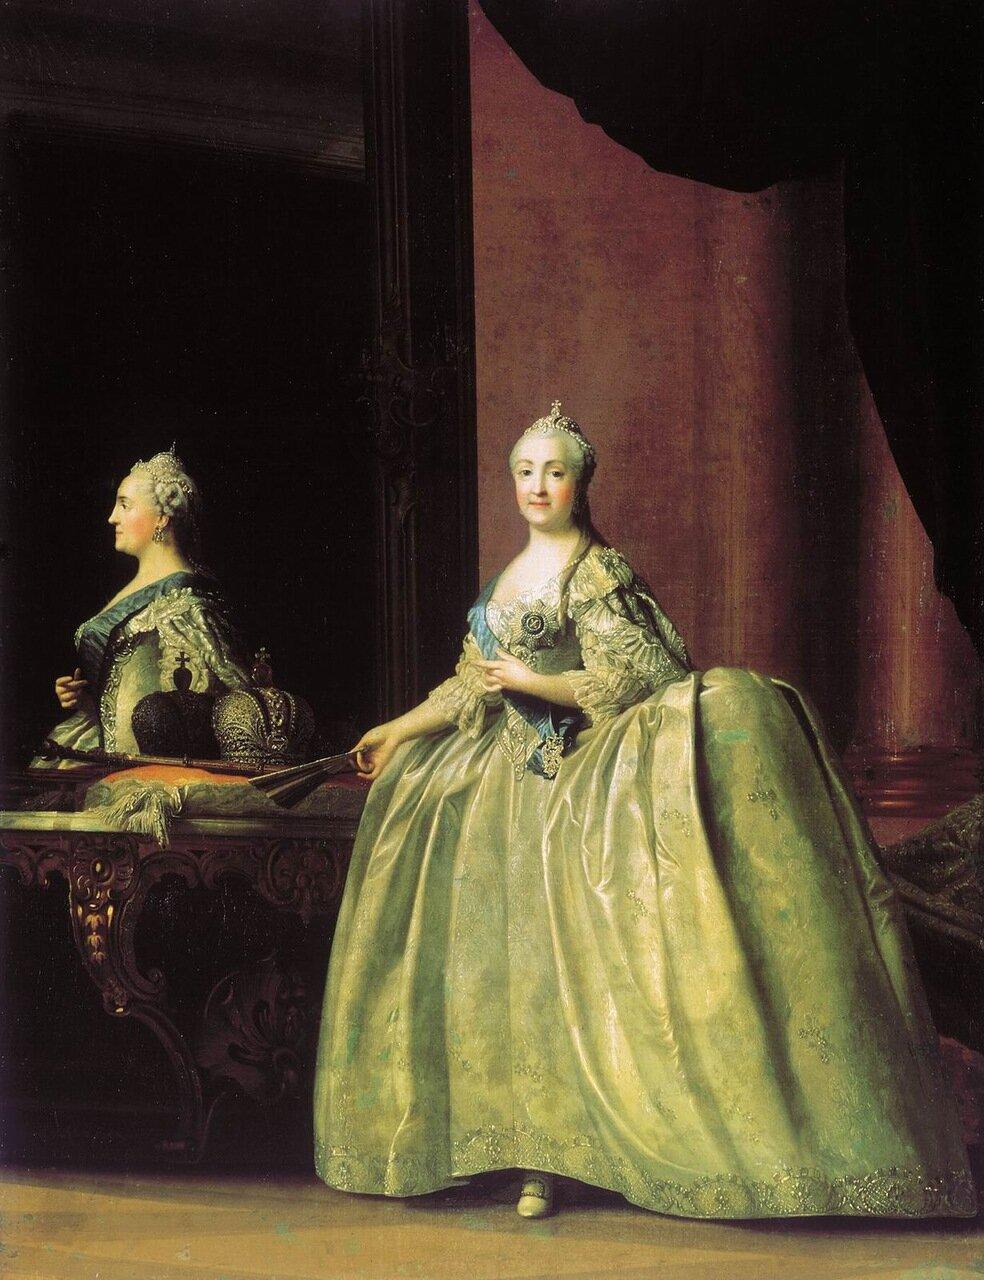 Вигилиус Эриксен. Портрет Екатерины II перед зеркалом